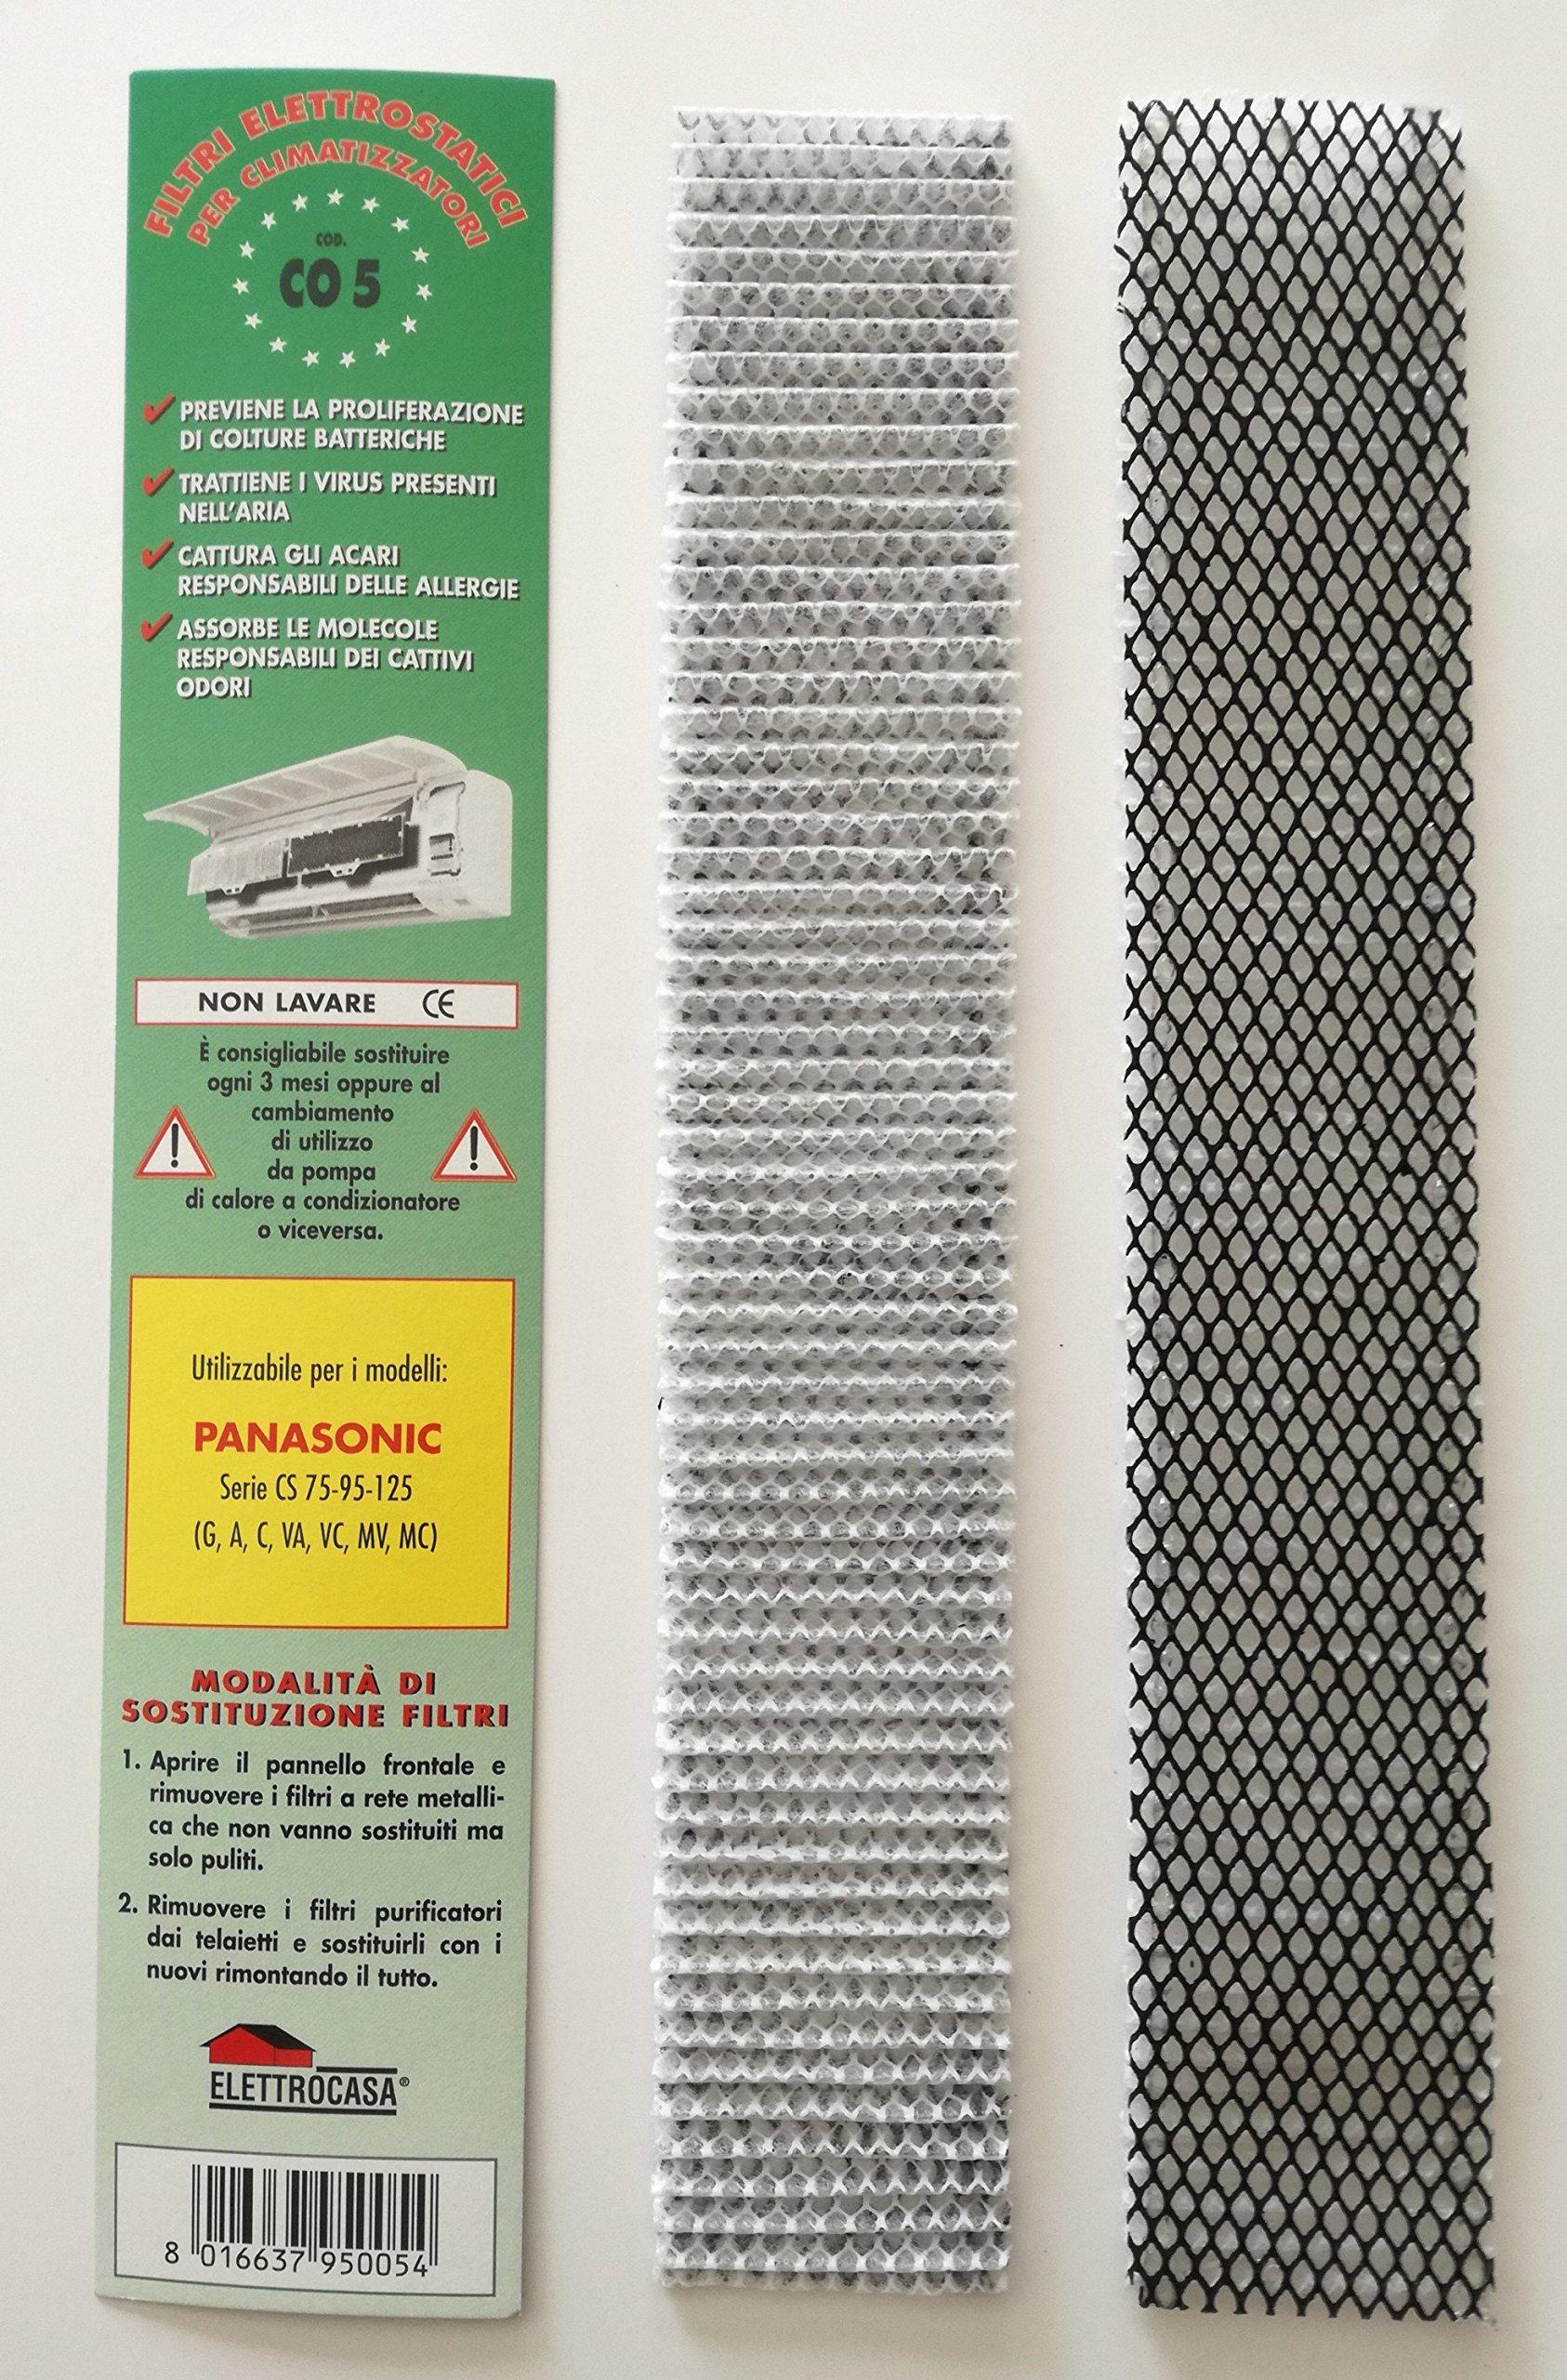 Elettrocasa - Paquete de 2 filtros CO 5 para aire acondicionado ...